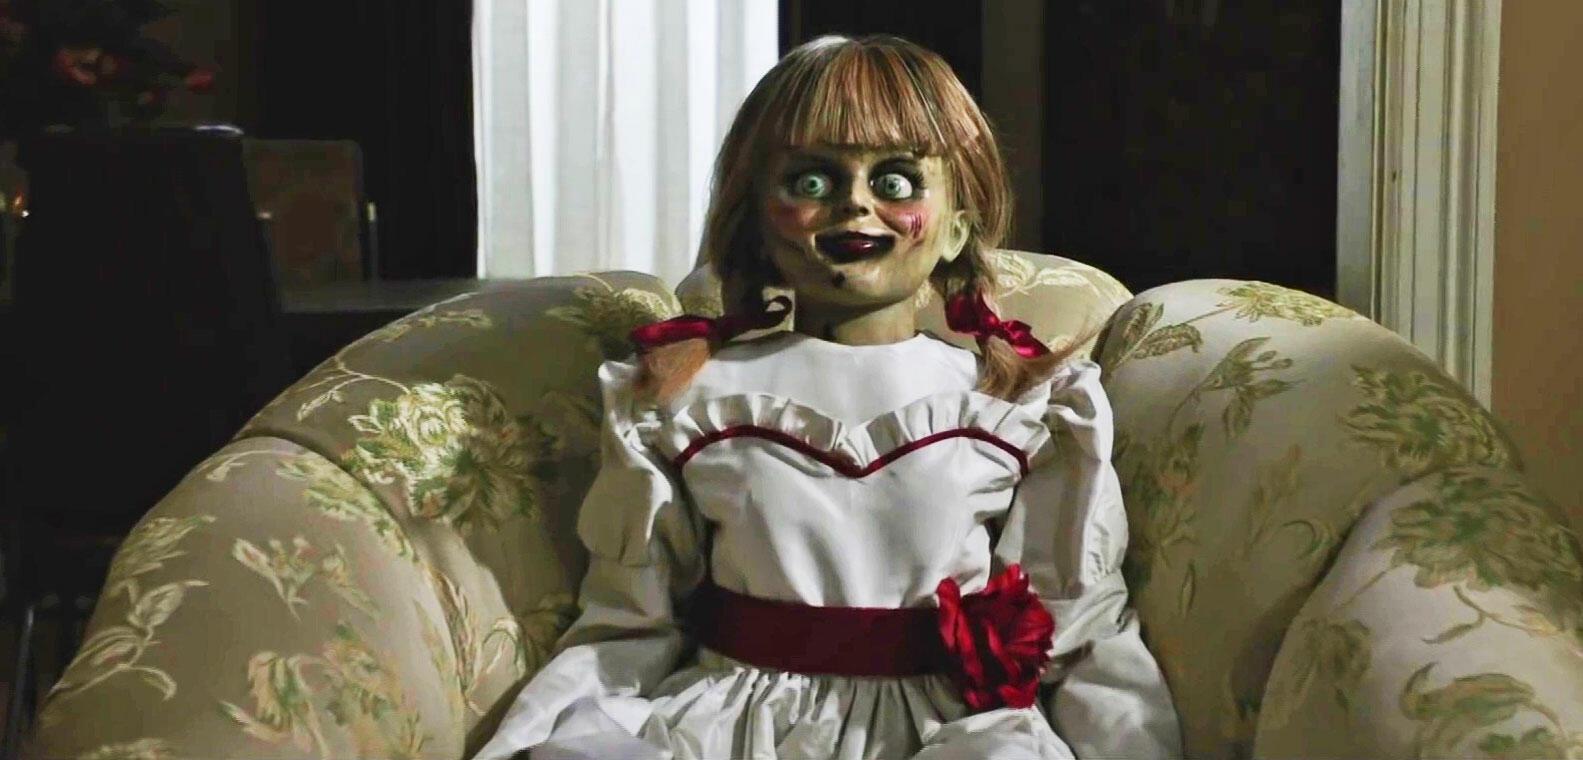 Annabelle Der Film